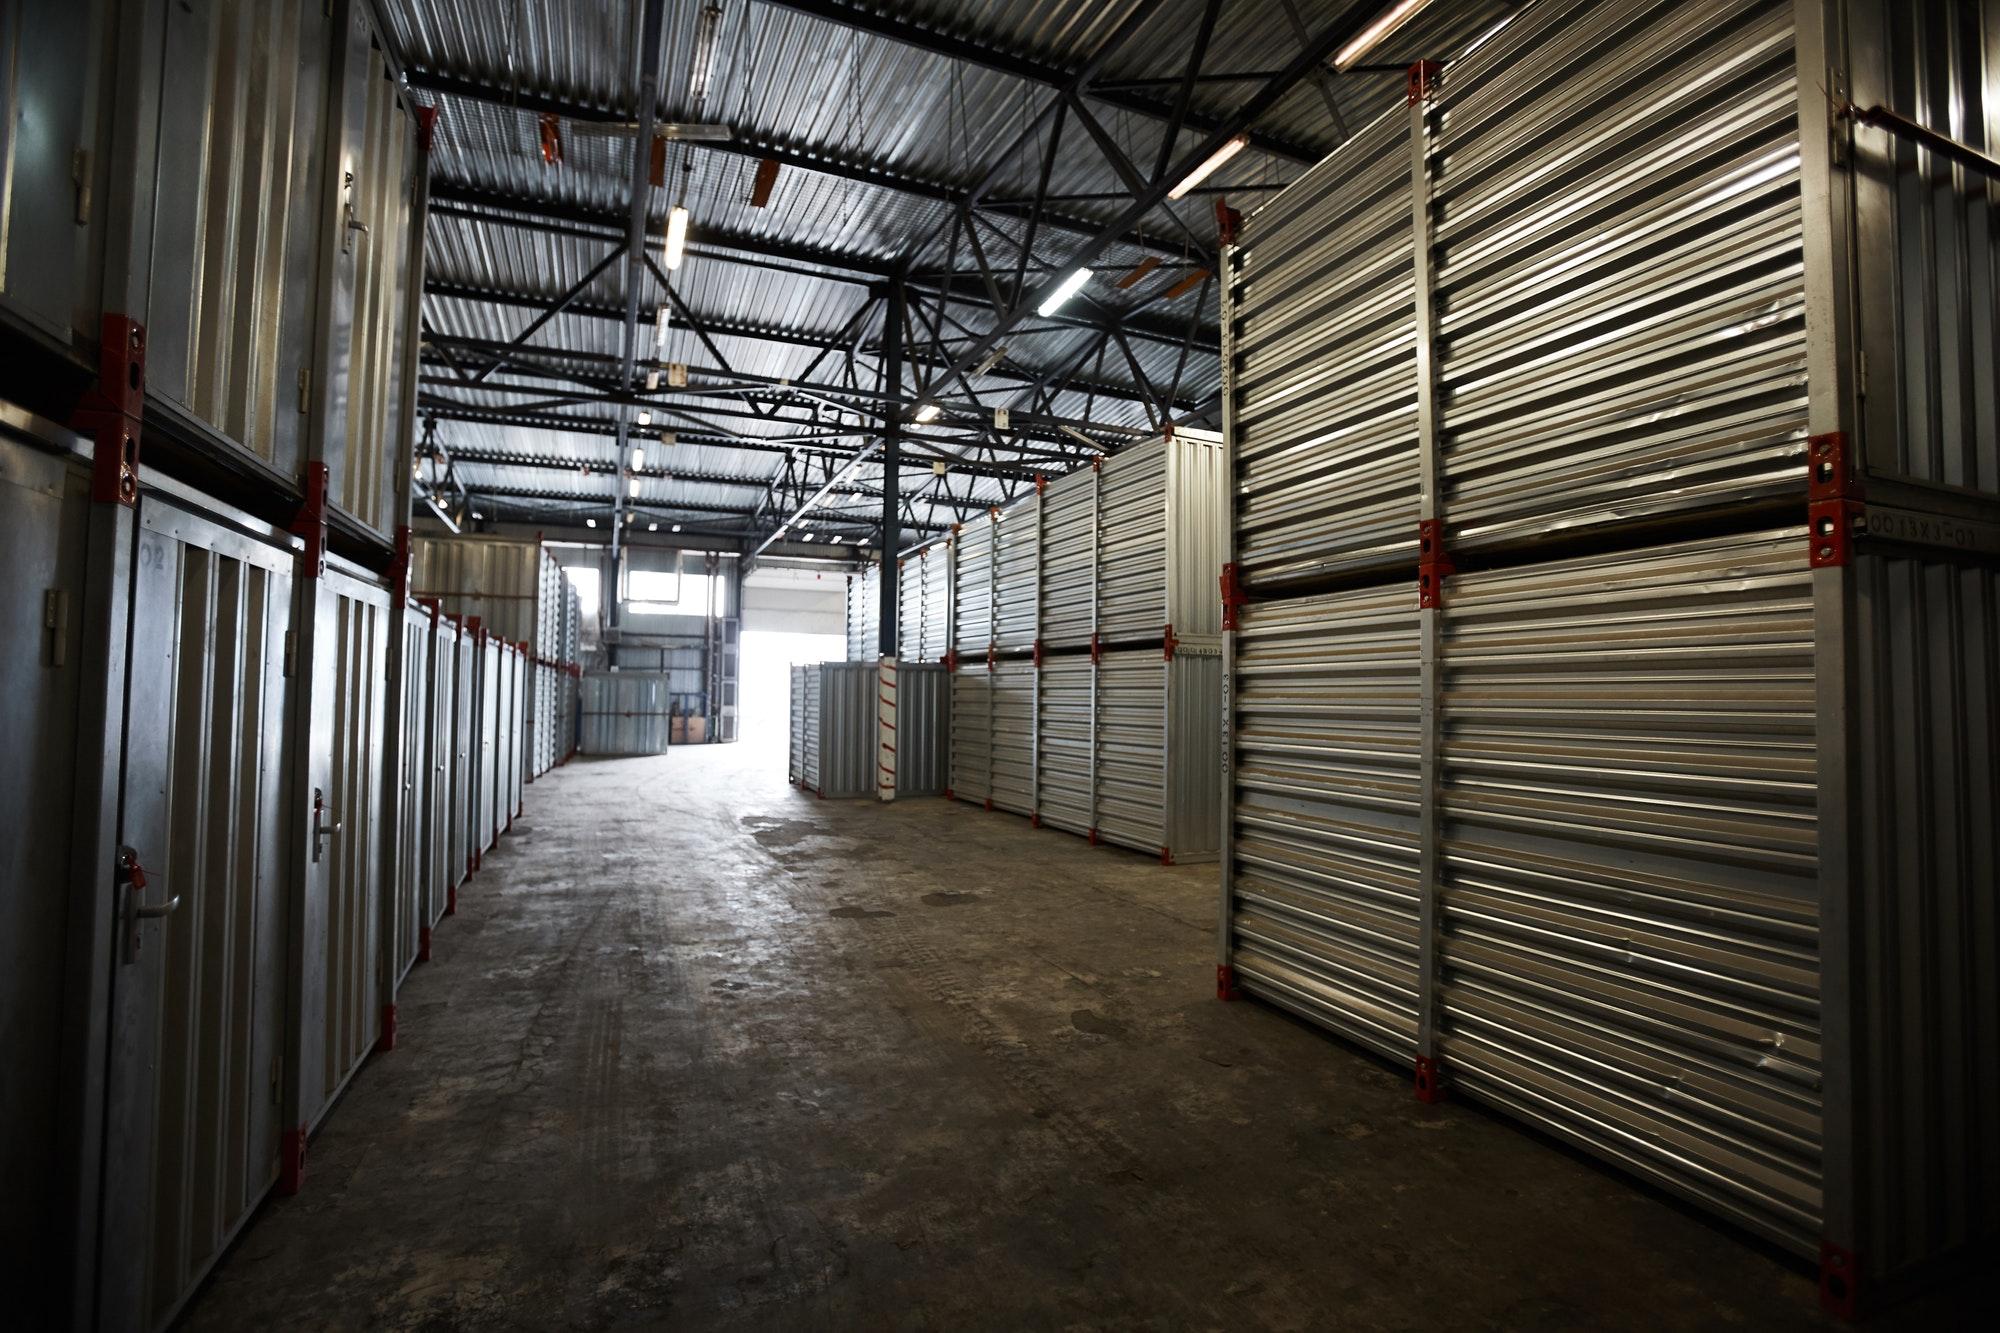 Dark cargo storage room